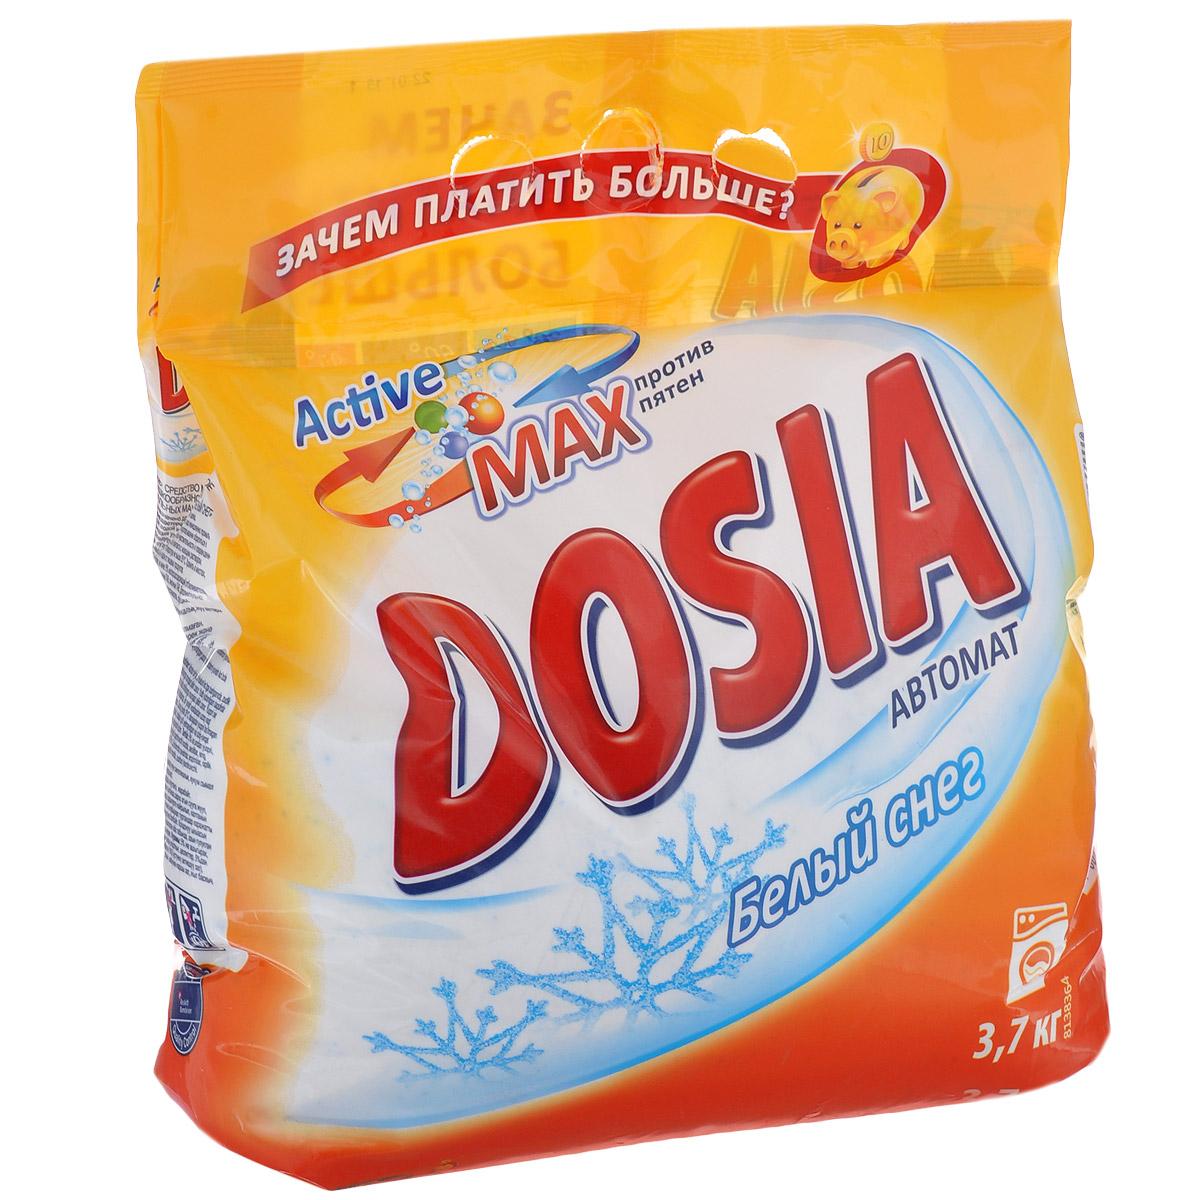 """Стиральный порошок Dosia """"Active Max. Белый снег"""", 3,7 кг 325332"""